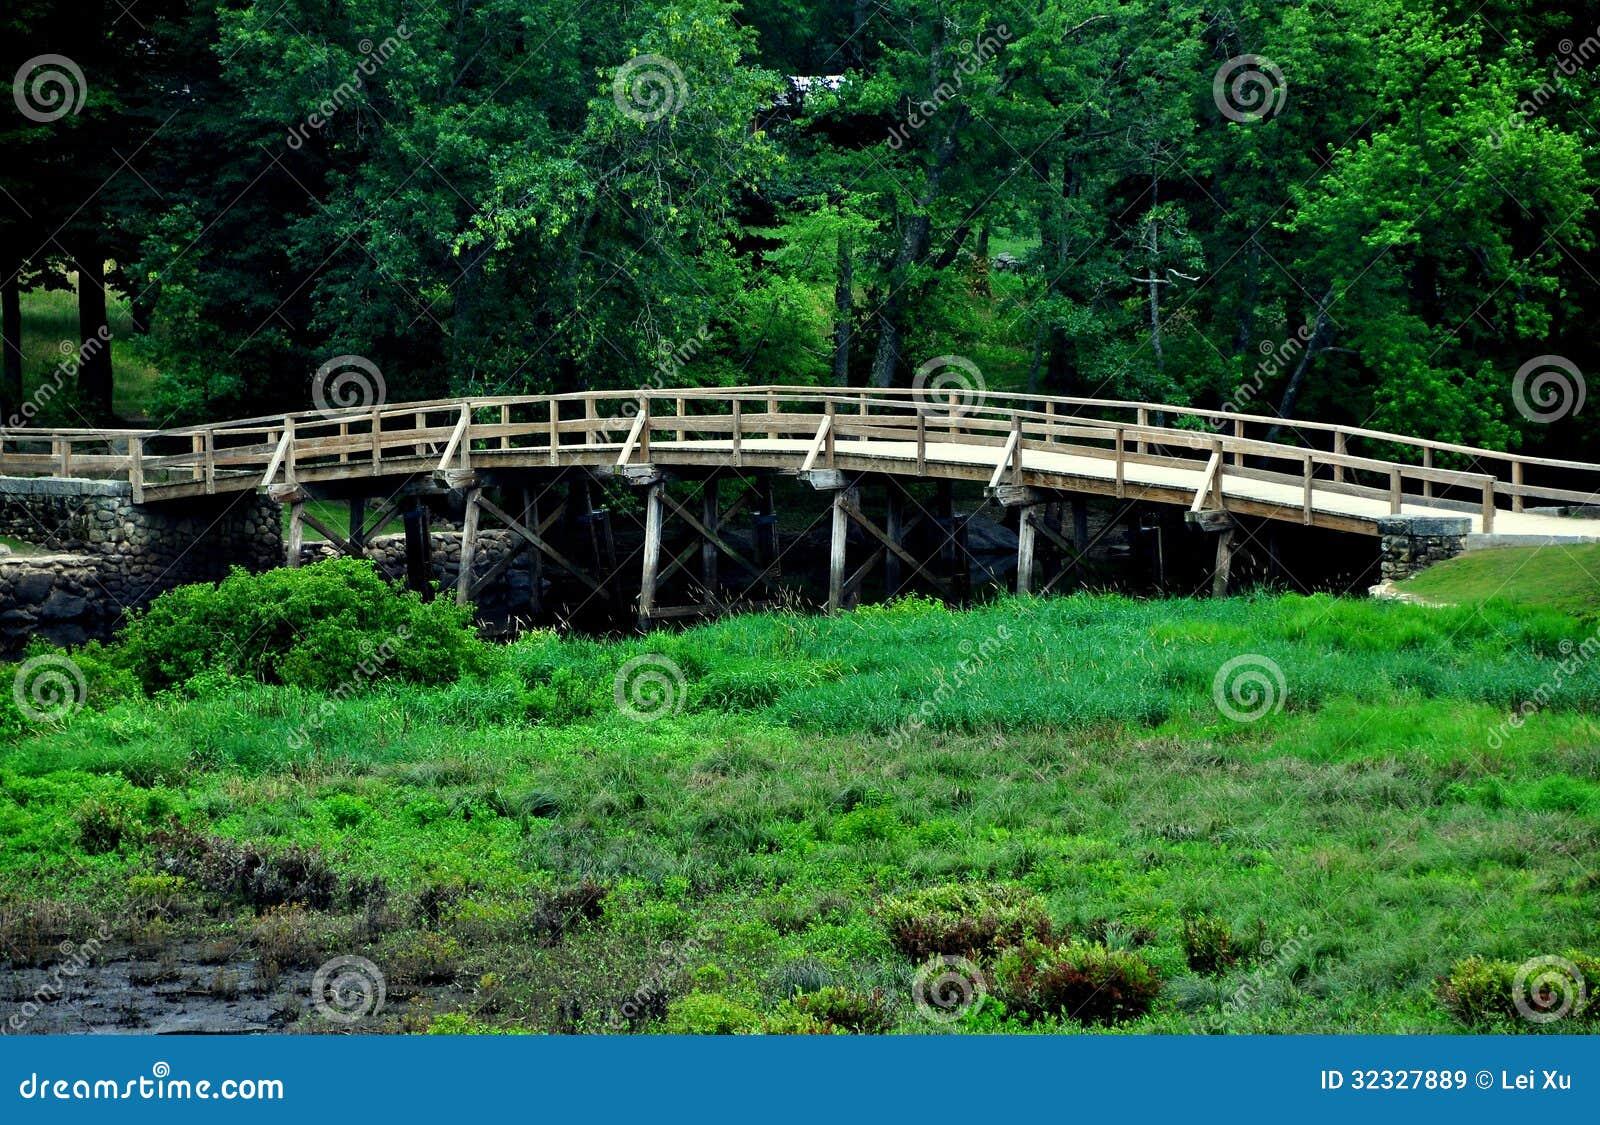 Συμφωνία, μΑ: Παλαιά βόρεια γέφυρα